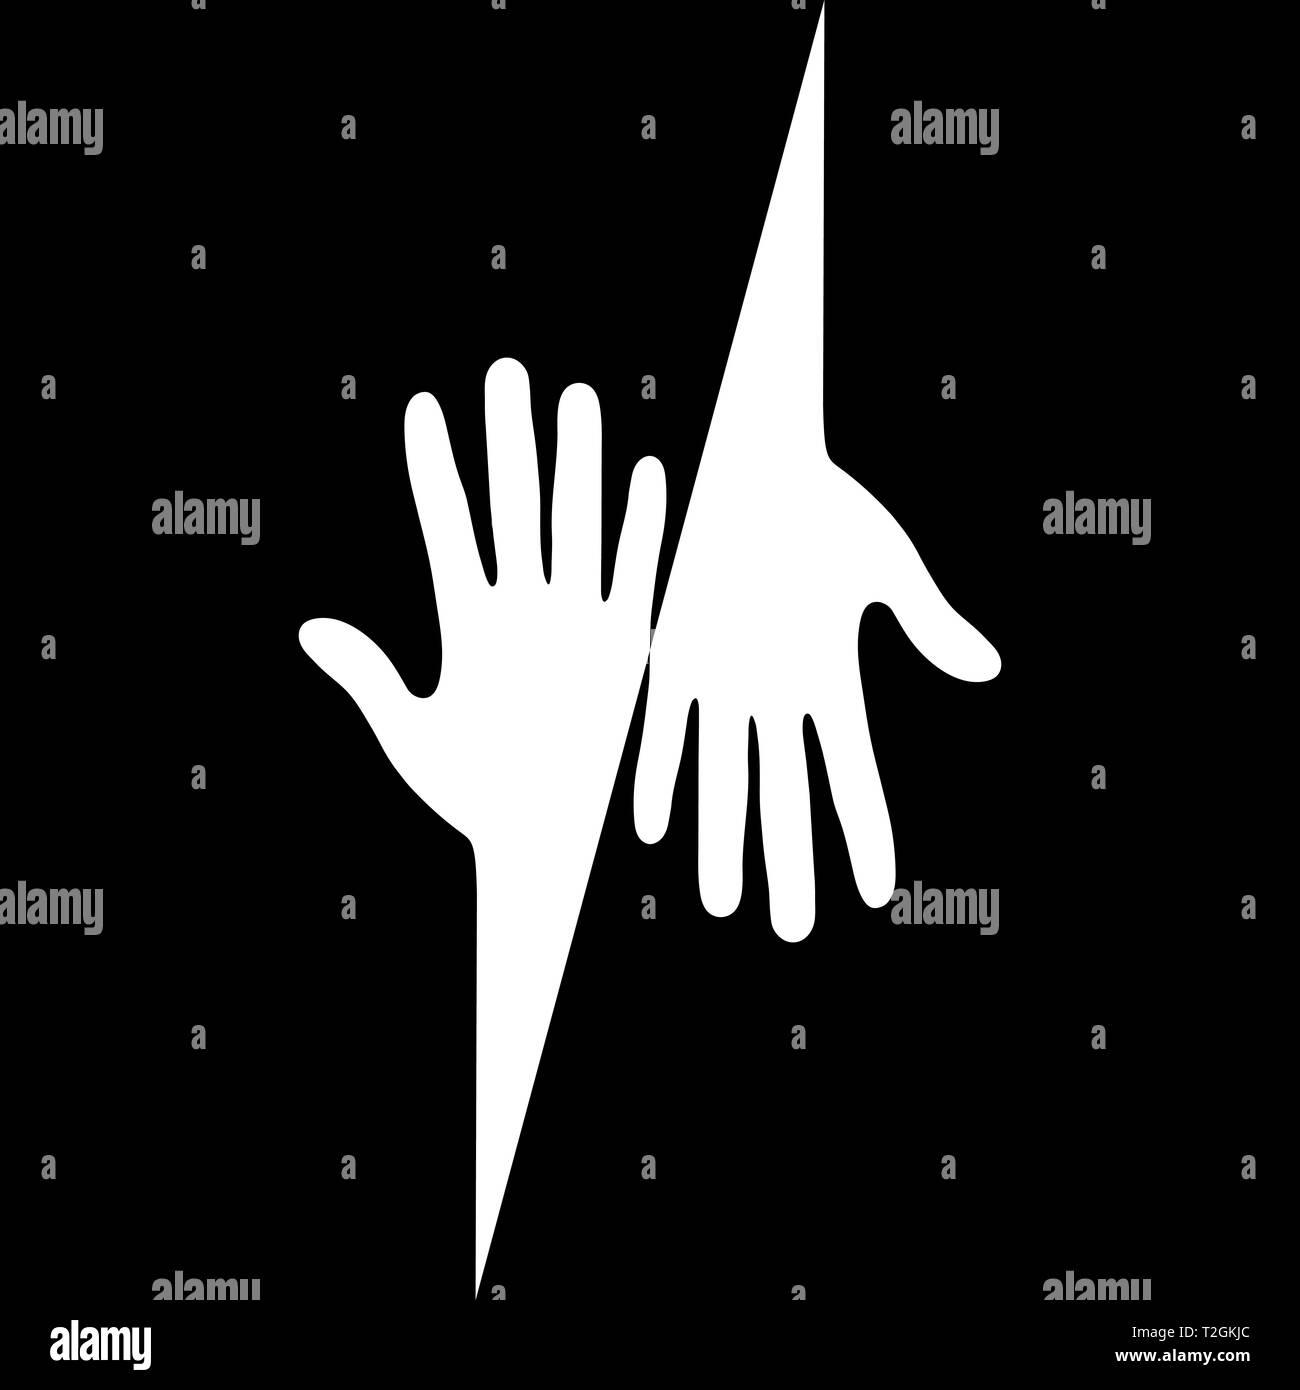 Silhouette bianca di due mani con le dita su sfondo nero, design semplice Illustrazione Vettoriale